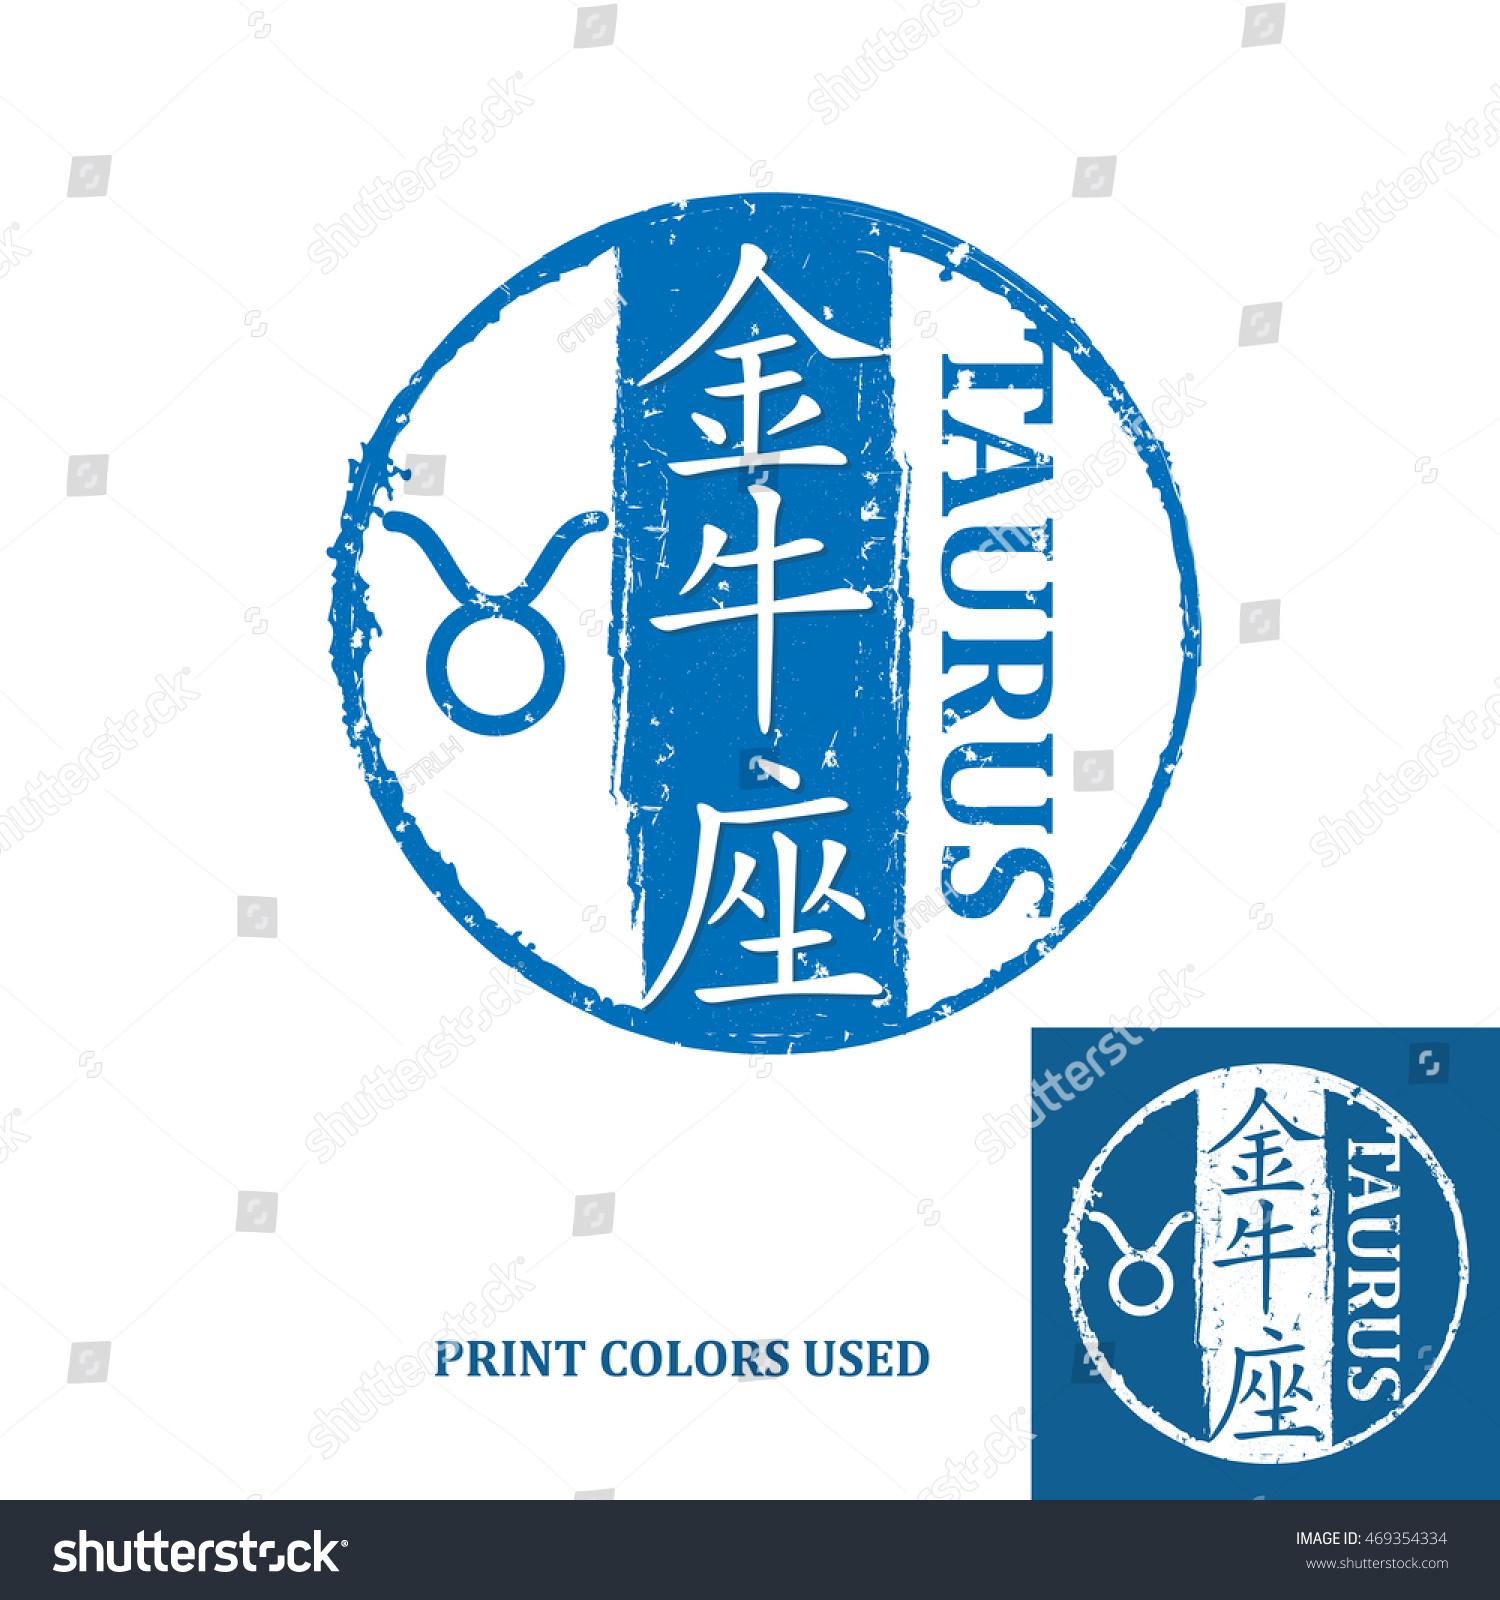 Taurus chinese text translation horoscope element stock vector taurus chinese text translation horoscope element stock vector 469354334 shutterstock biocorpaavc Images